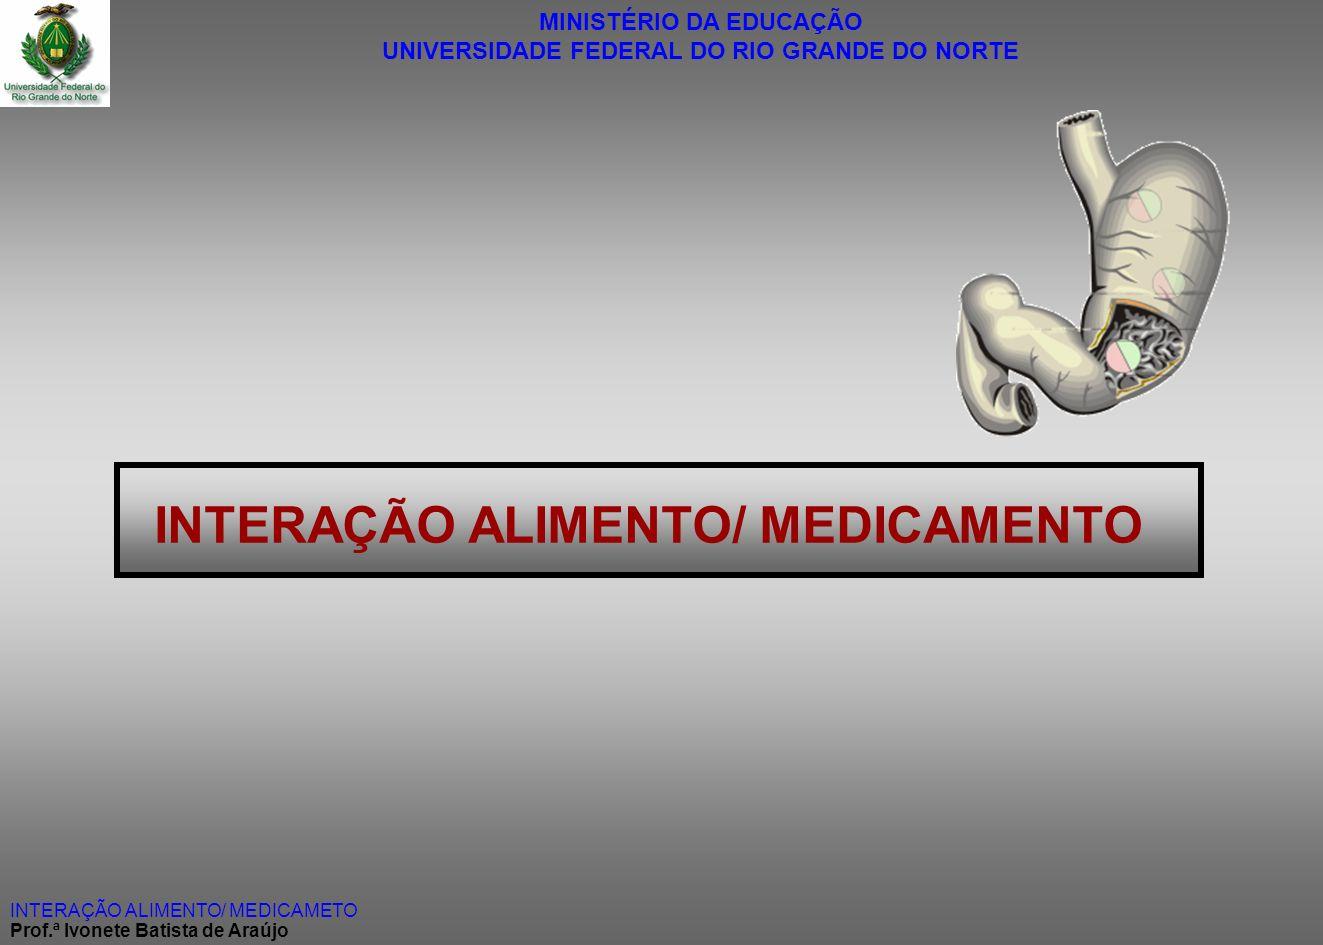 INTERAÇÃO ALIMENTO/ MEDICAMENTO